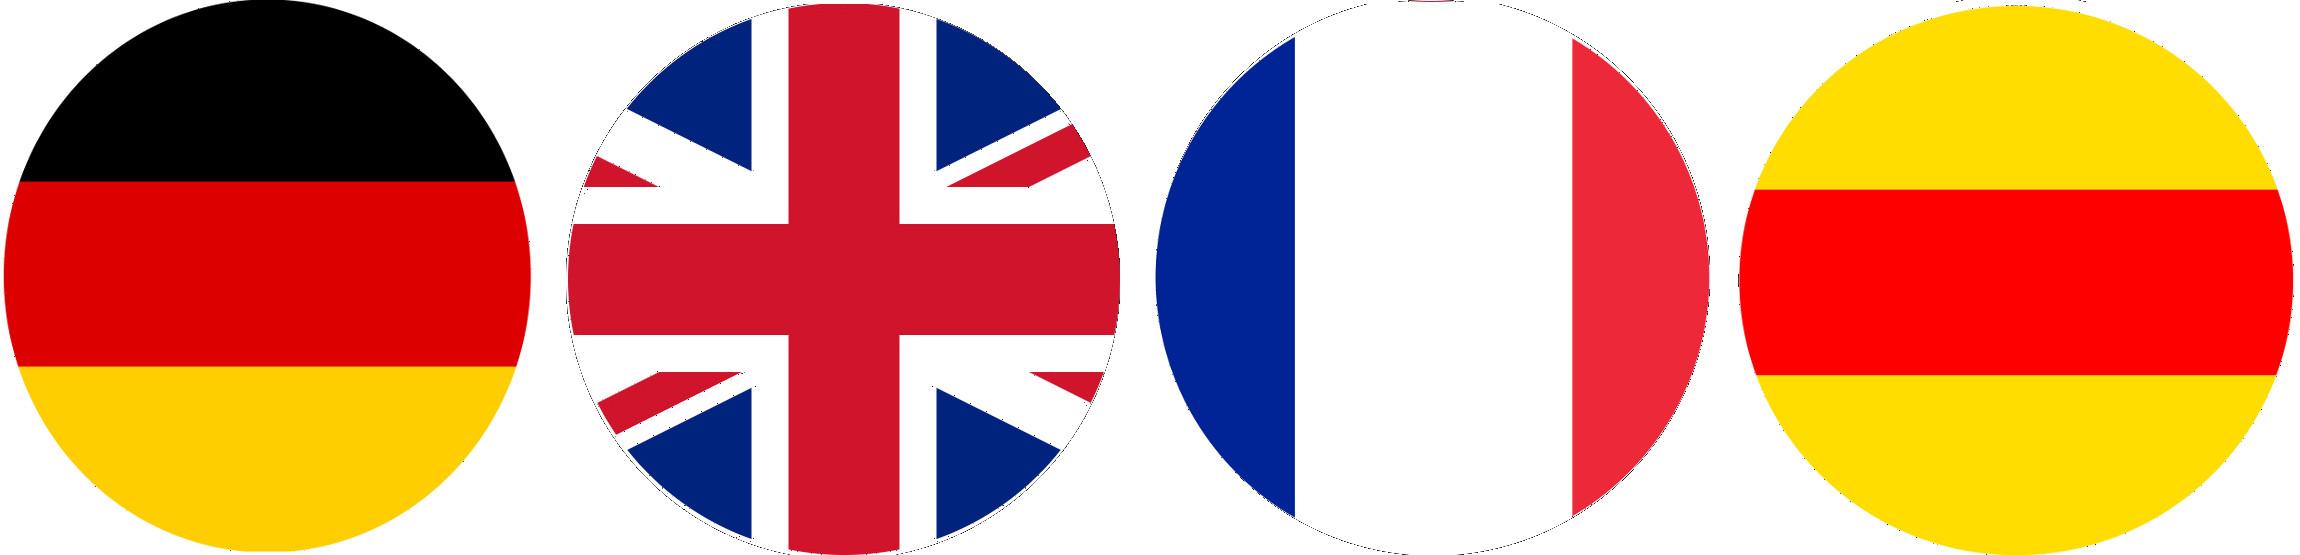 Wir sprechen deutsch, englisch, französisch und badisch